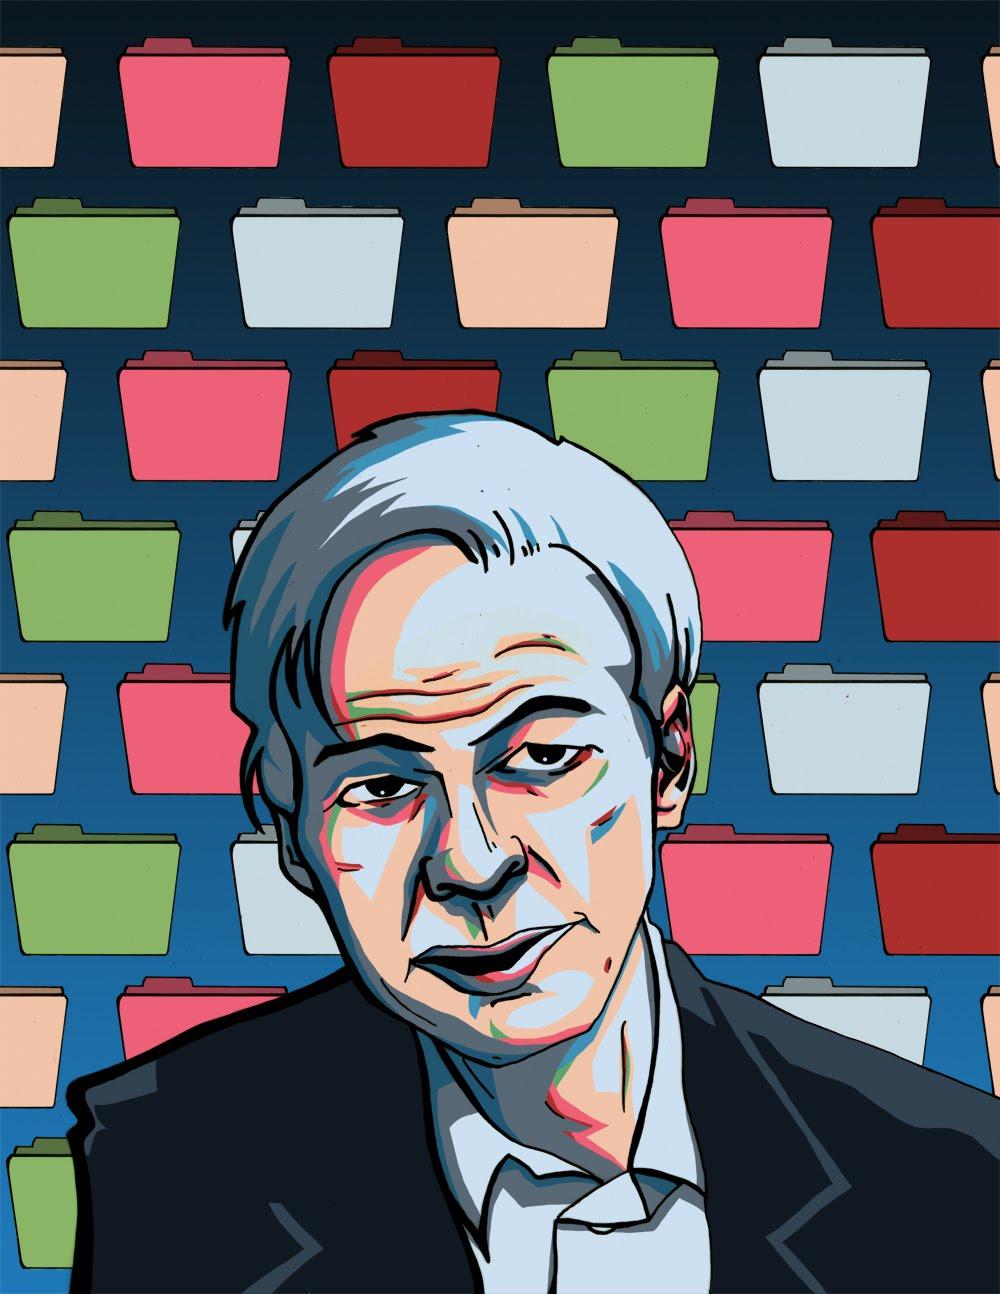 http://1.bp.blogspot.com/_OBgnwQQbw5U/TJa7h8ndHLI/AAAAAAAAAIY/lZJv7EhCxBs/s1600/Julian+Assange+Small.jpg